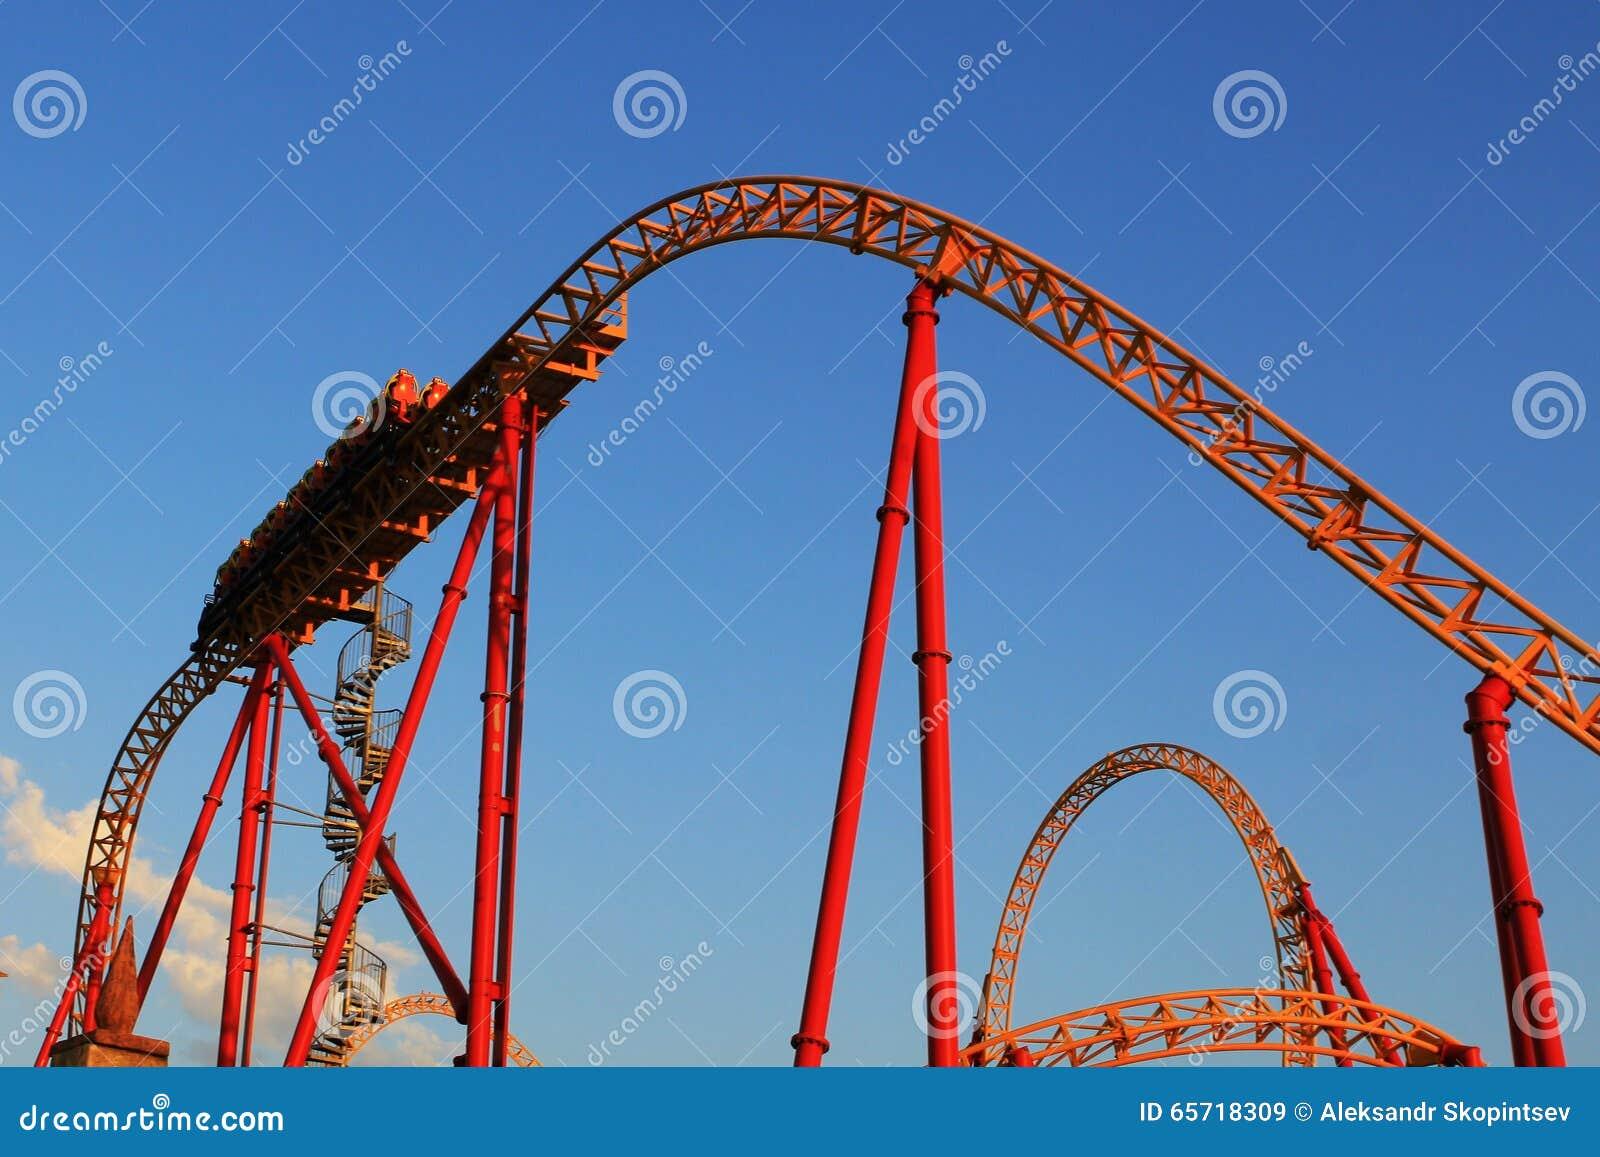 Coaster prate roller vienna